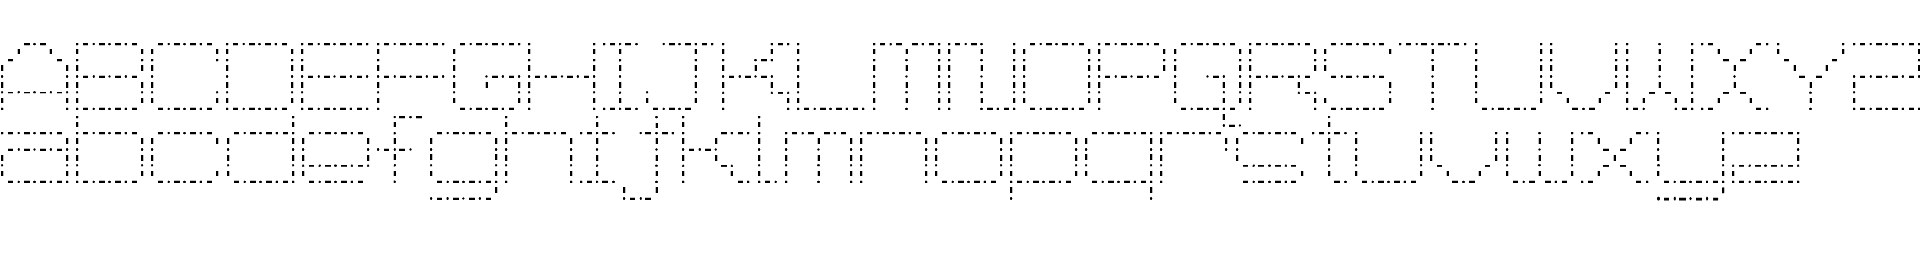 Spot Matrix